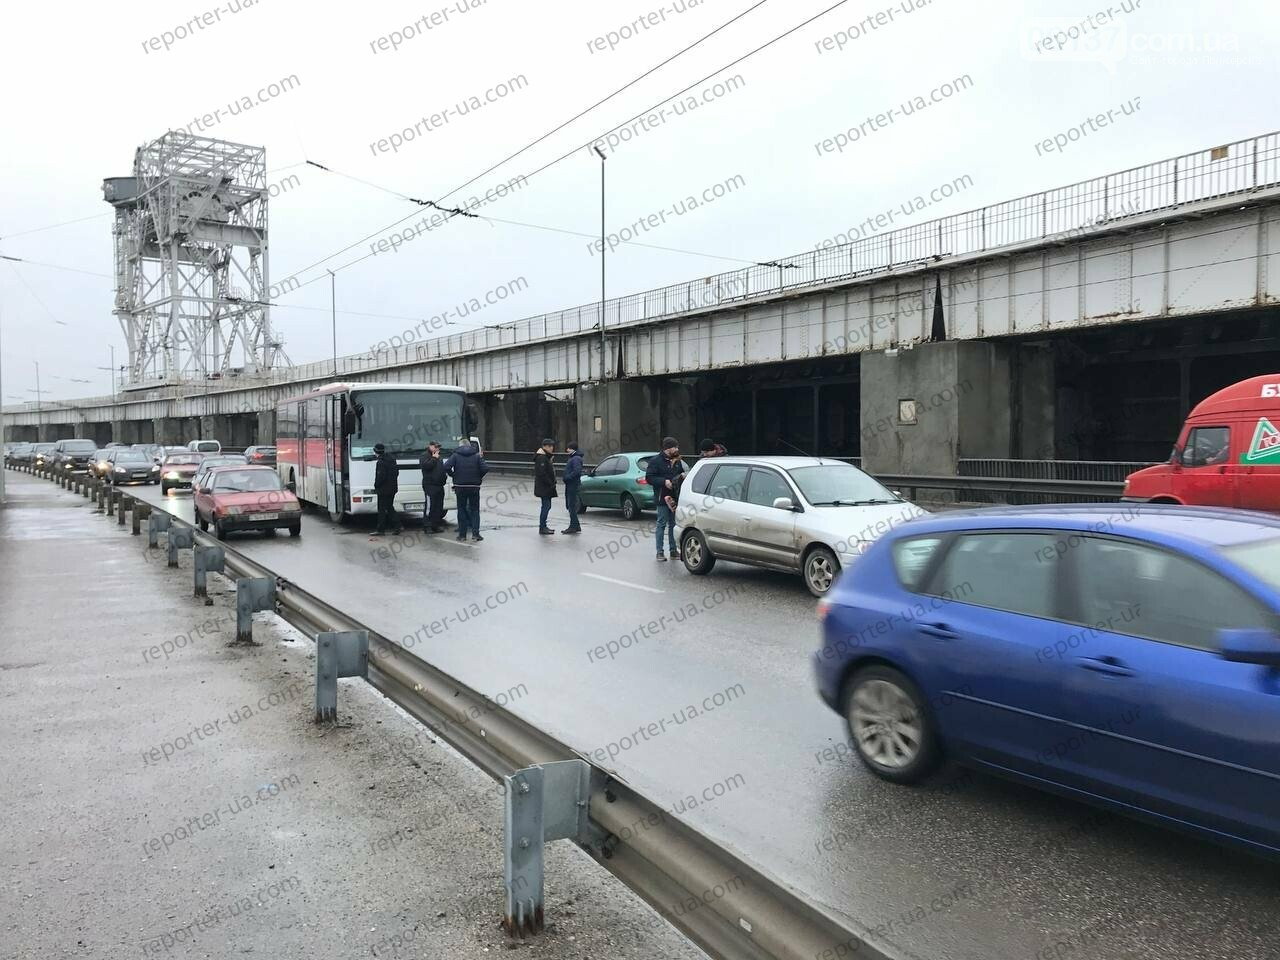 Утренняя авария на запорожской плотине привела к пробке: автобус столкнулся с легковым авто. Фото/Видео, фото-3